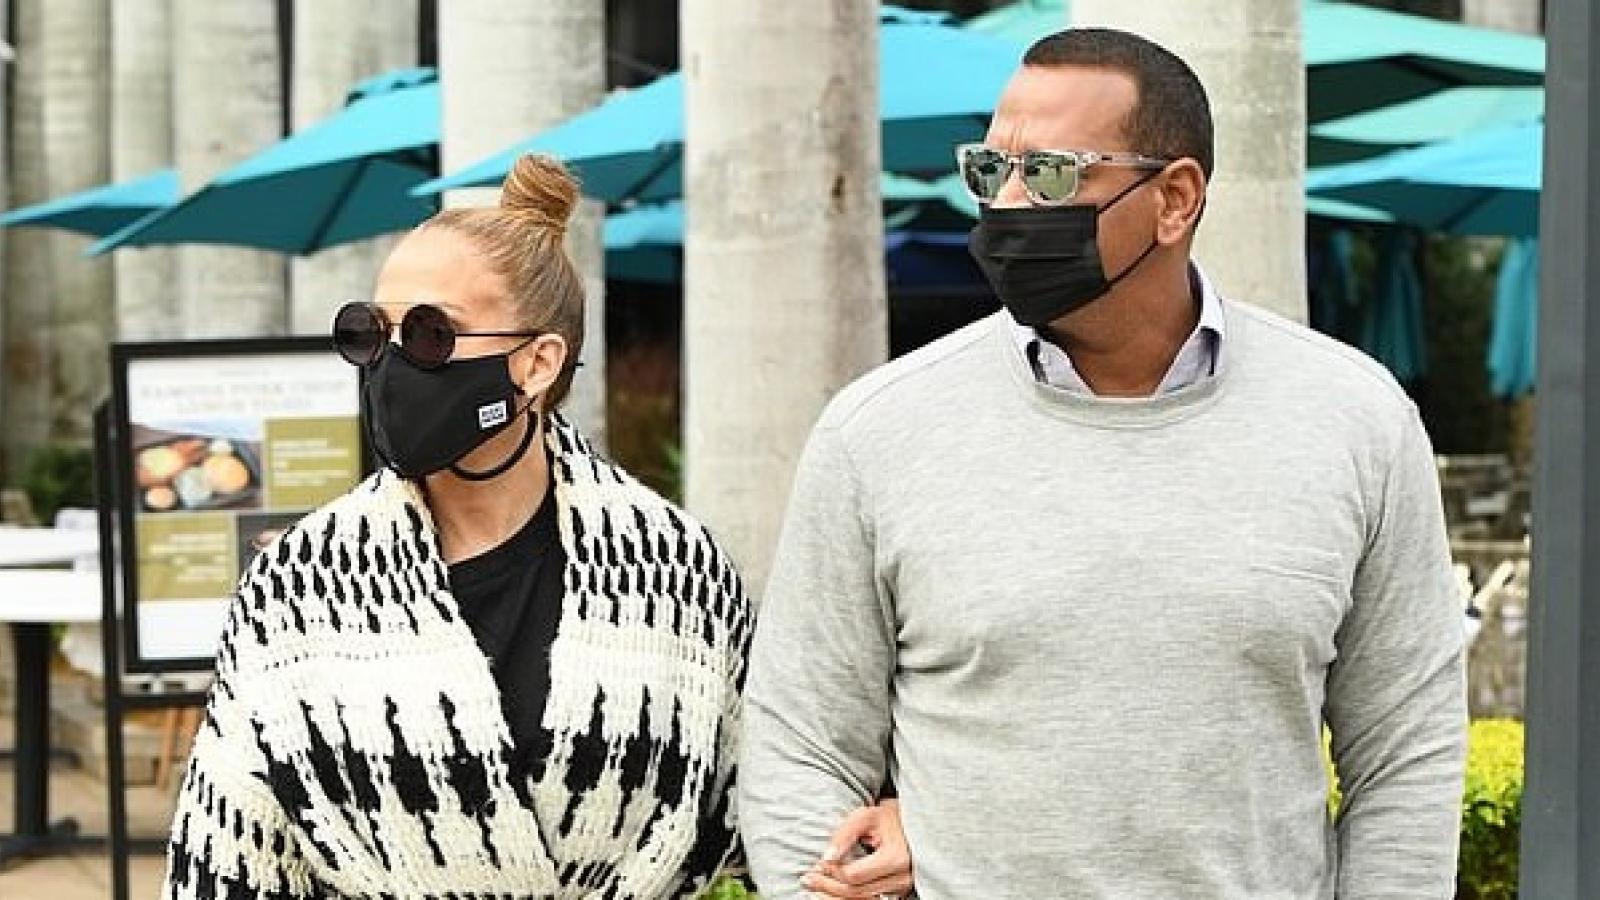 Jennifer Lopez diện đồ phong cách đi dạo phố cùng bạn trai sau quyết định hủy đám cưới